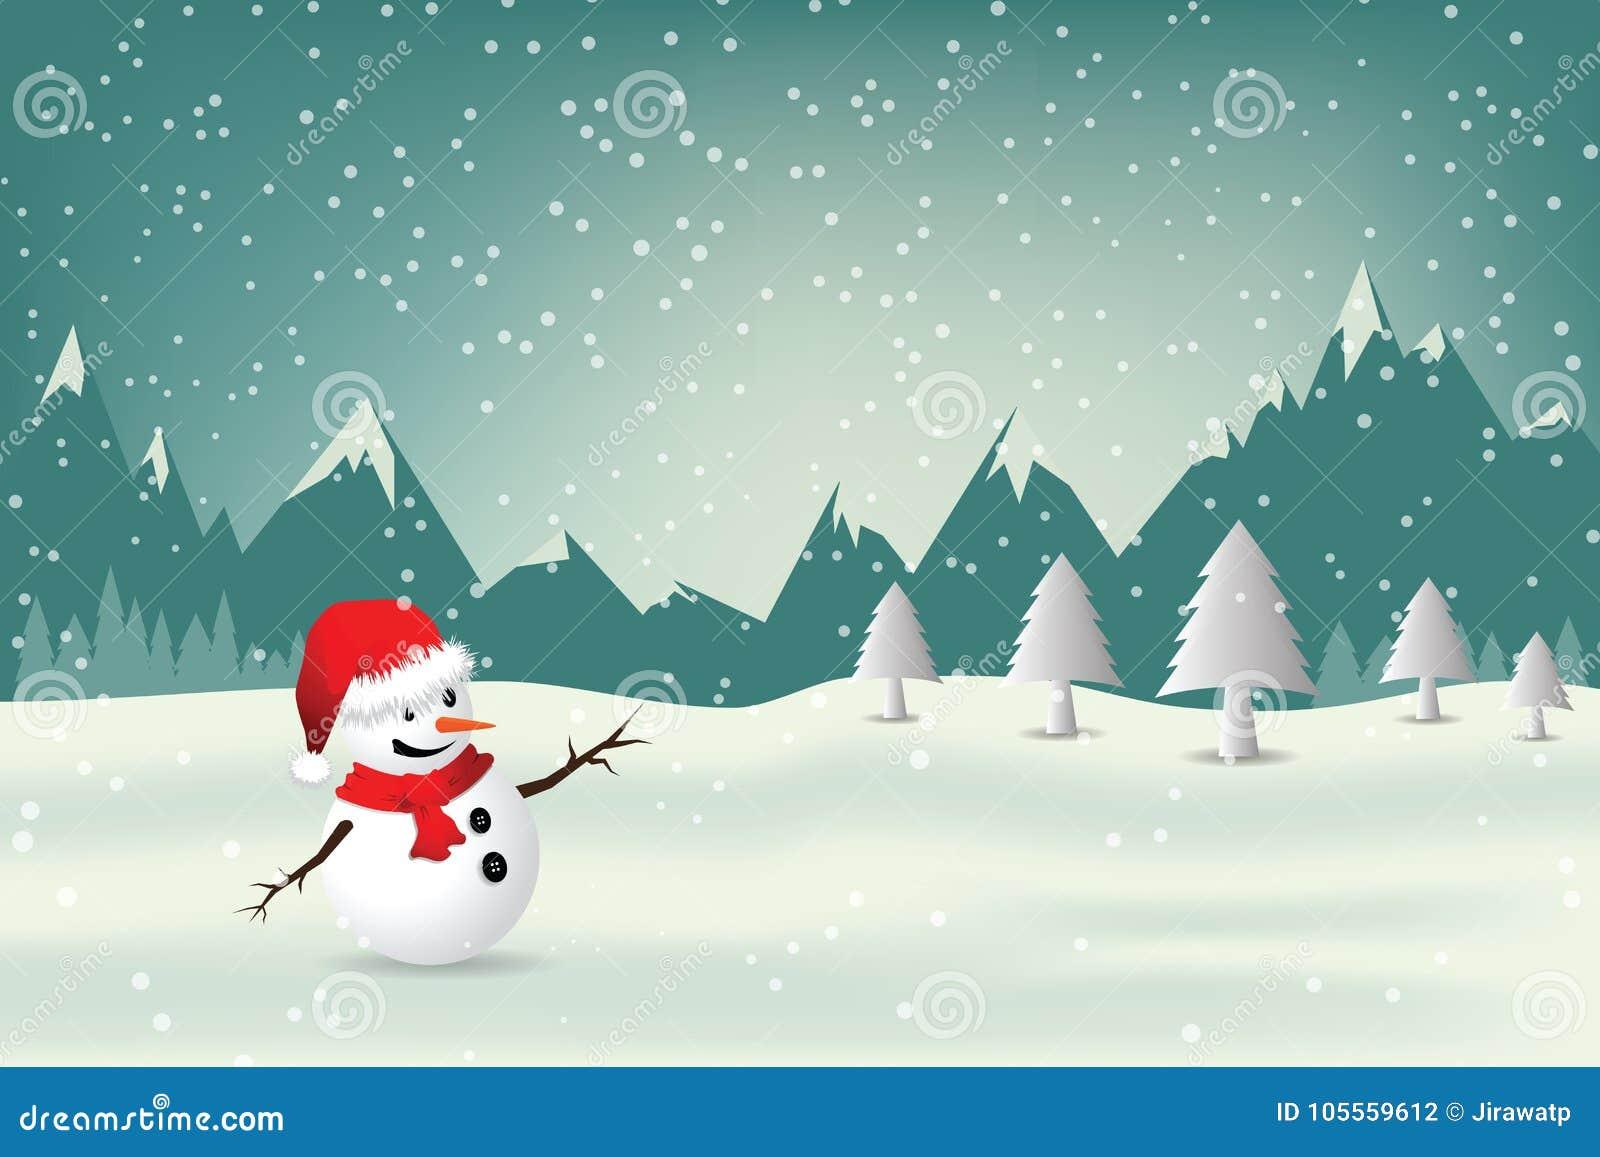 Carte De Noel Avec Neige